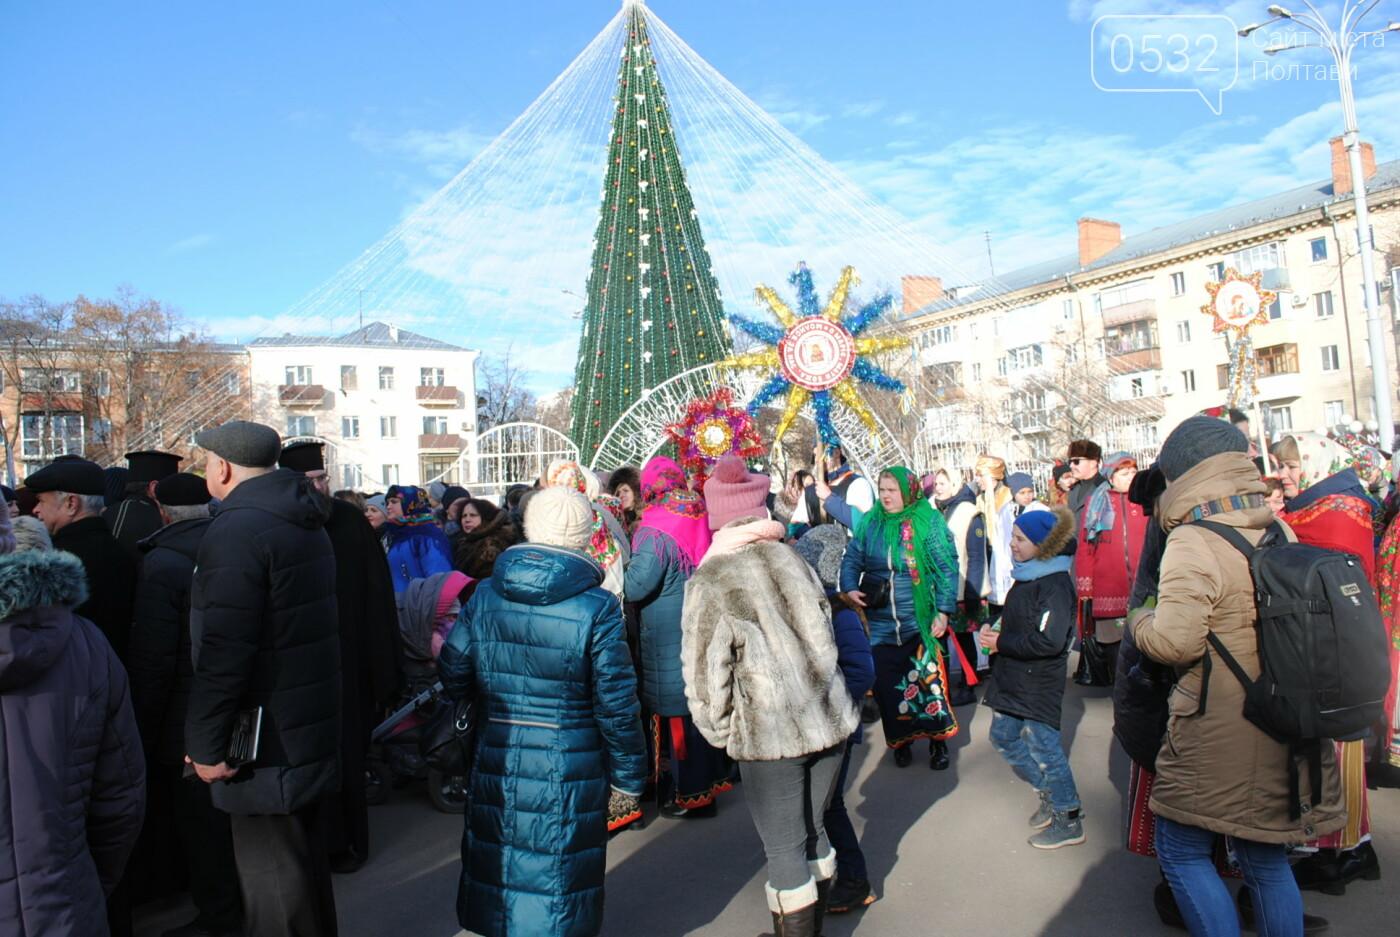 У Полтаві розгорнулося вертепне дійство з колядками та щедрівками «Різдвяна феєрія» (ФОТО), фото-15